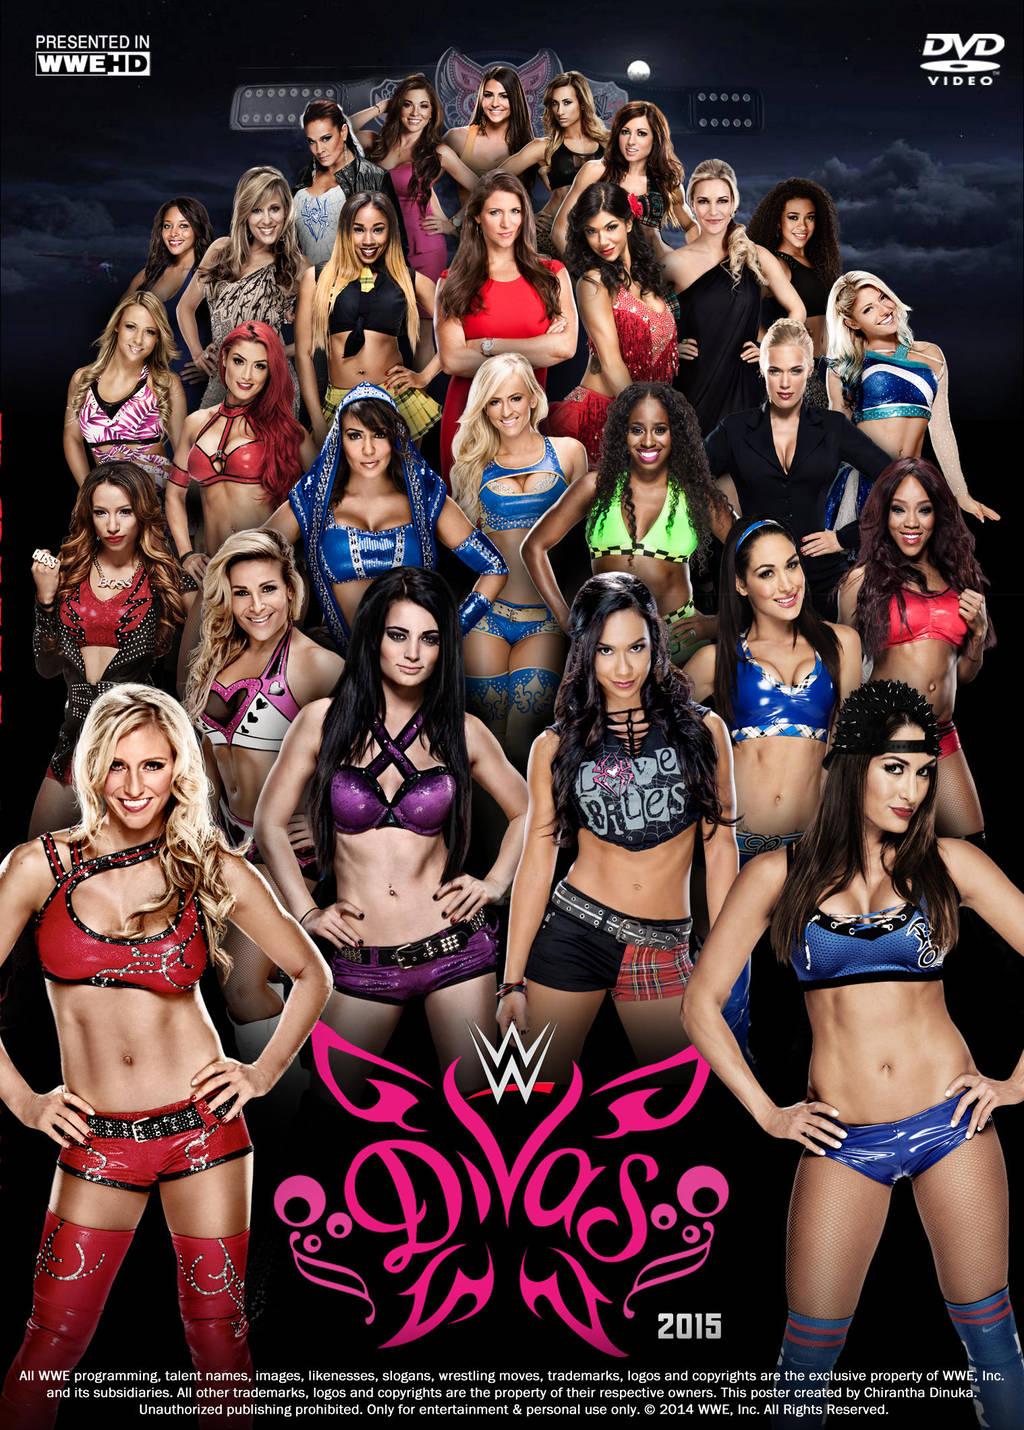 wwe_divas_poster_by_chirantha_d8dtqai-fullview.jpg